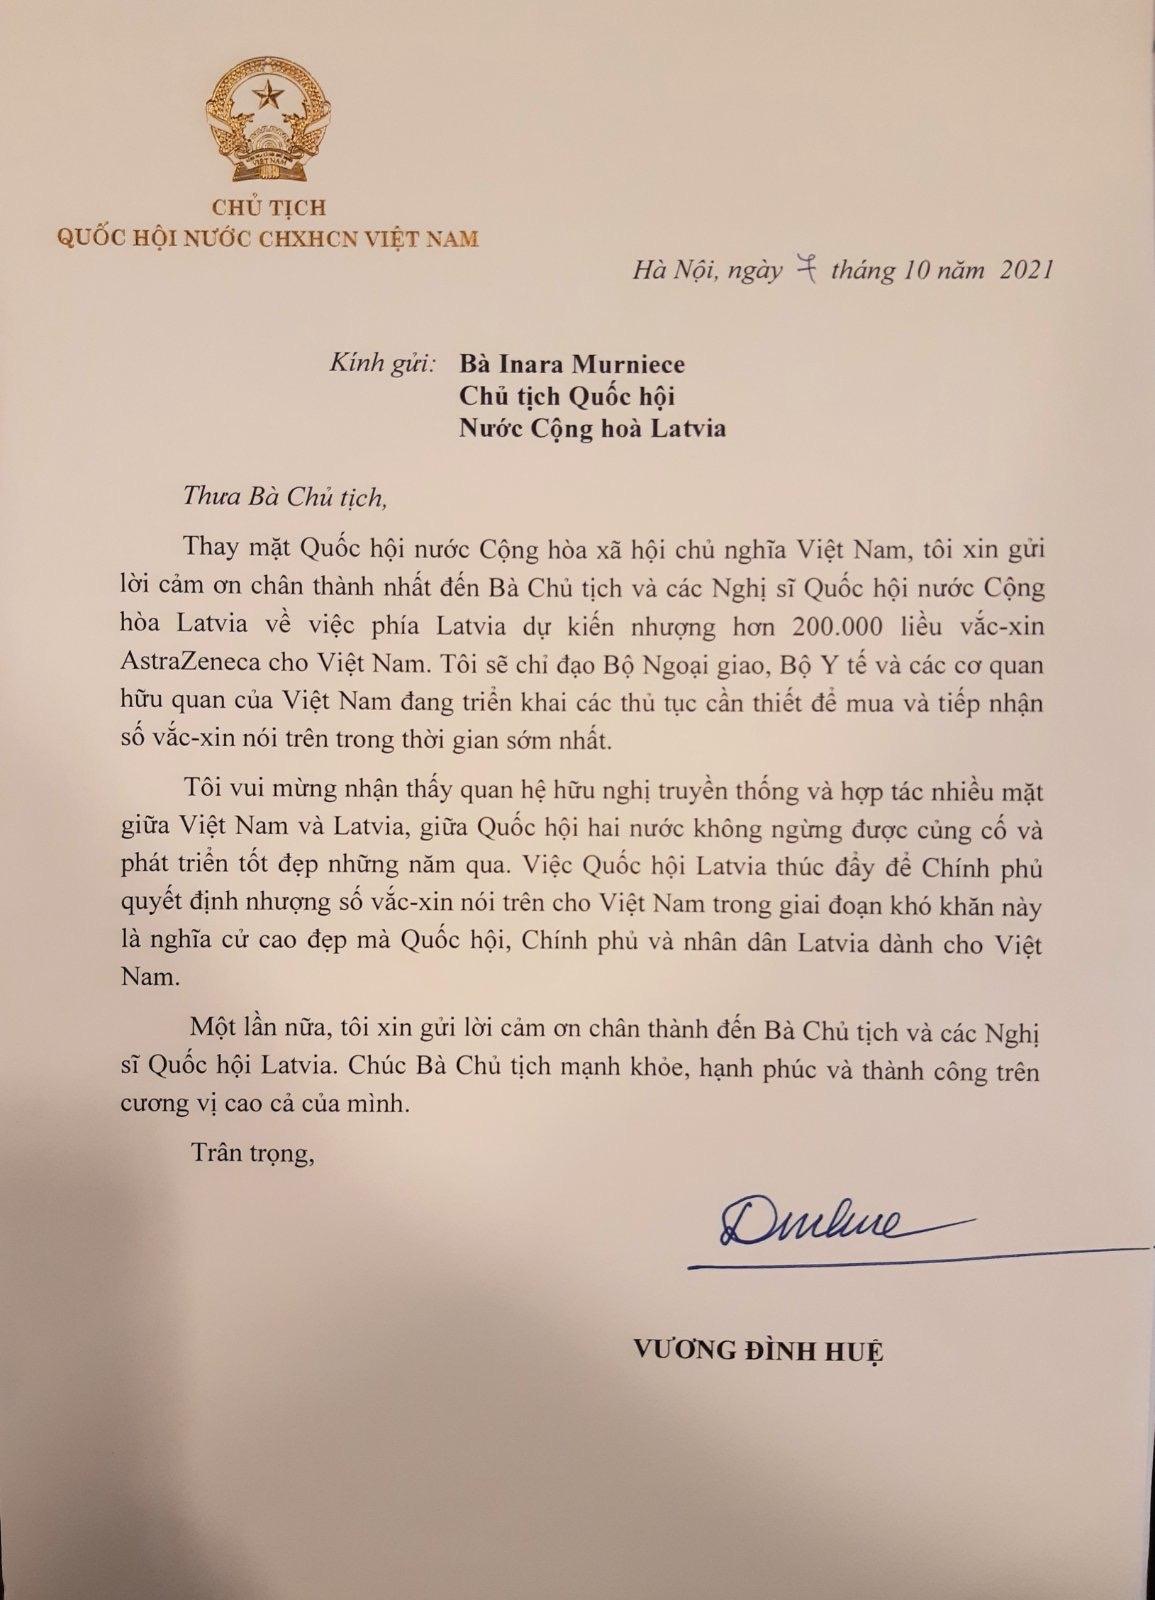 Thư cảm ơn của Chủ tịch Quốc hội Vương Đình Huệ gửi Chủ tịch Quốc hội Cộng hoà Latvia Inara Murniece. Ảnh:VGP/Nguyễn Hoàng